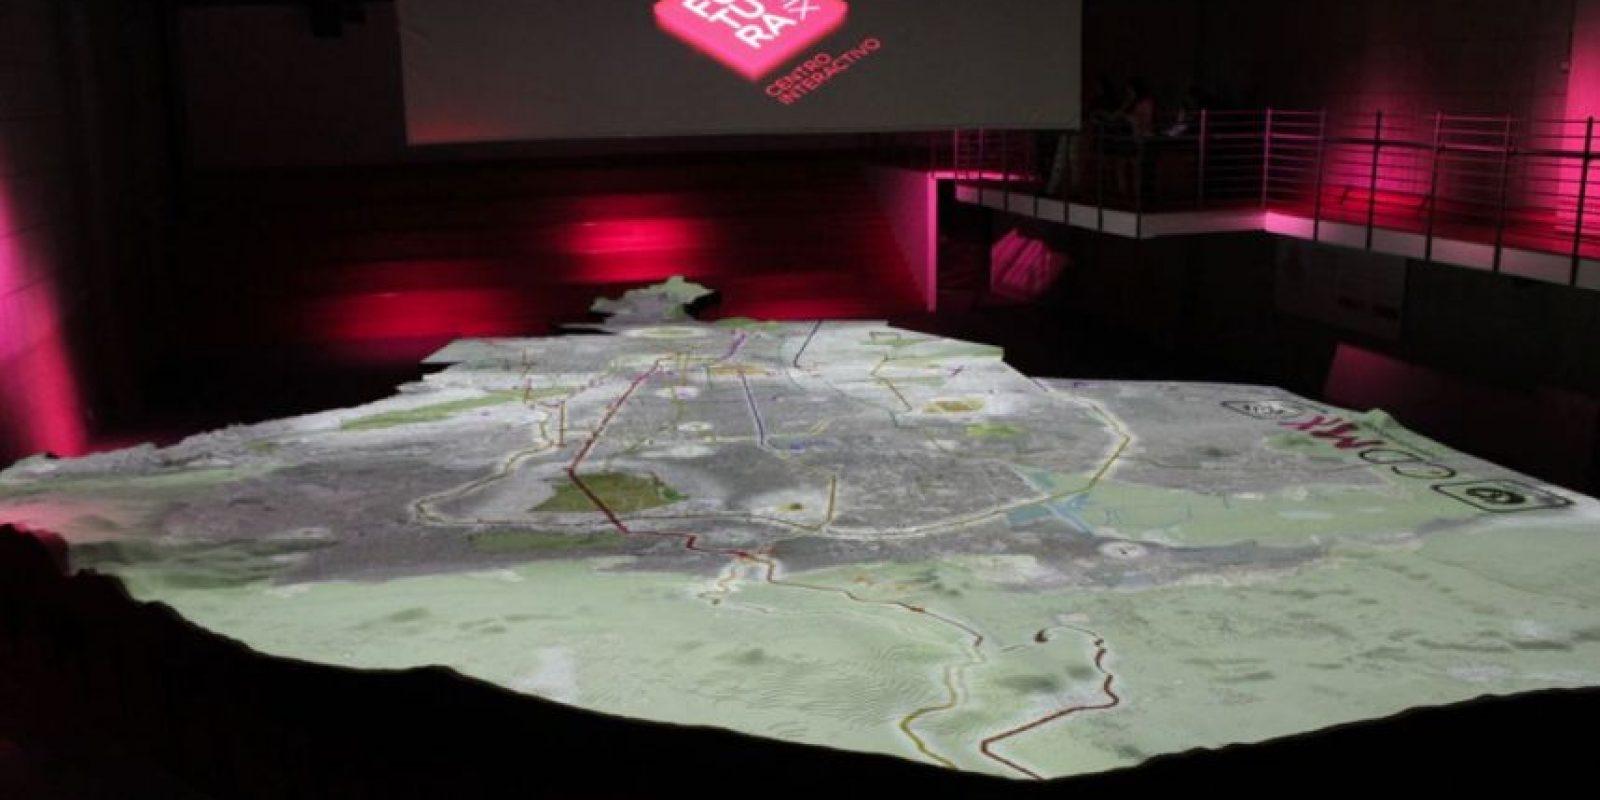 Los visitantes podrán ver una proyección de 12 minutos sobre la evolución de la urbe Foto:Nicolás Corte / Publimetro